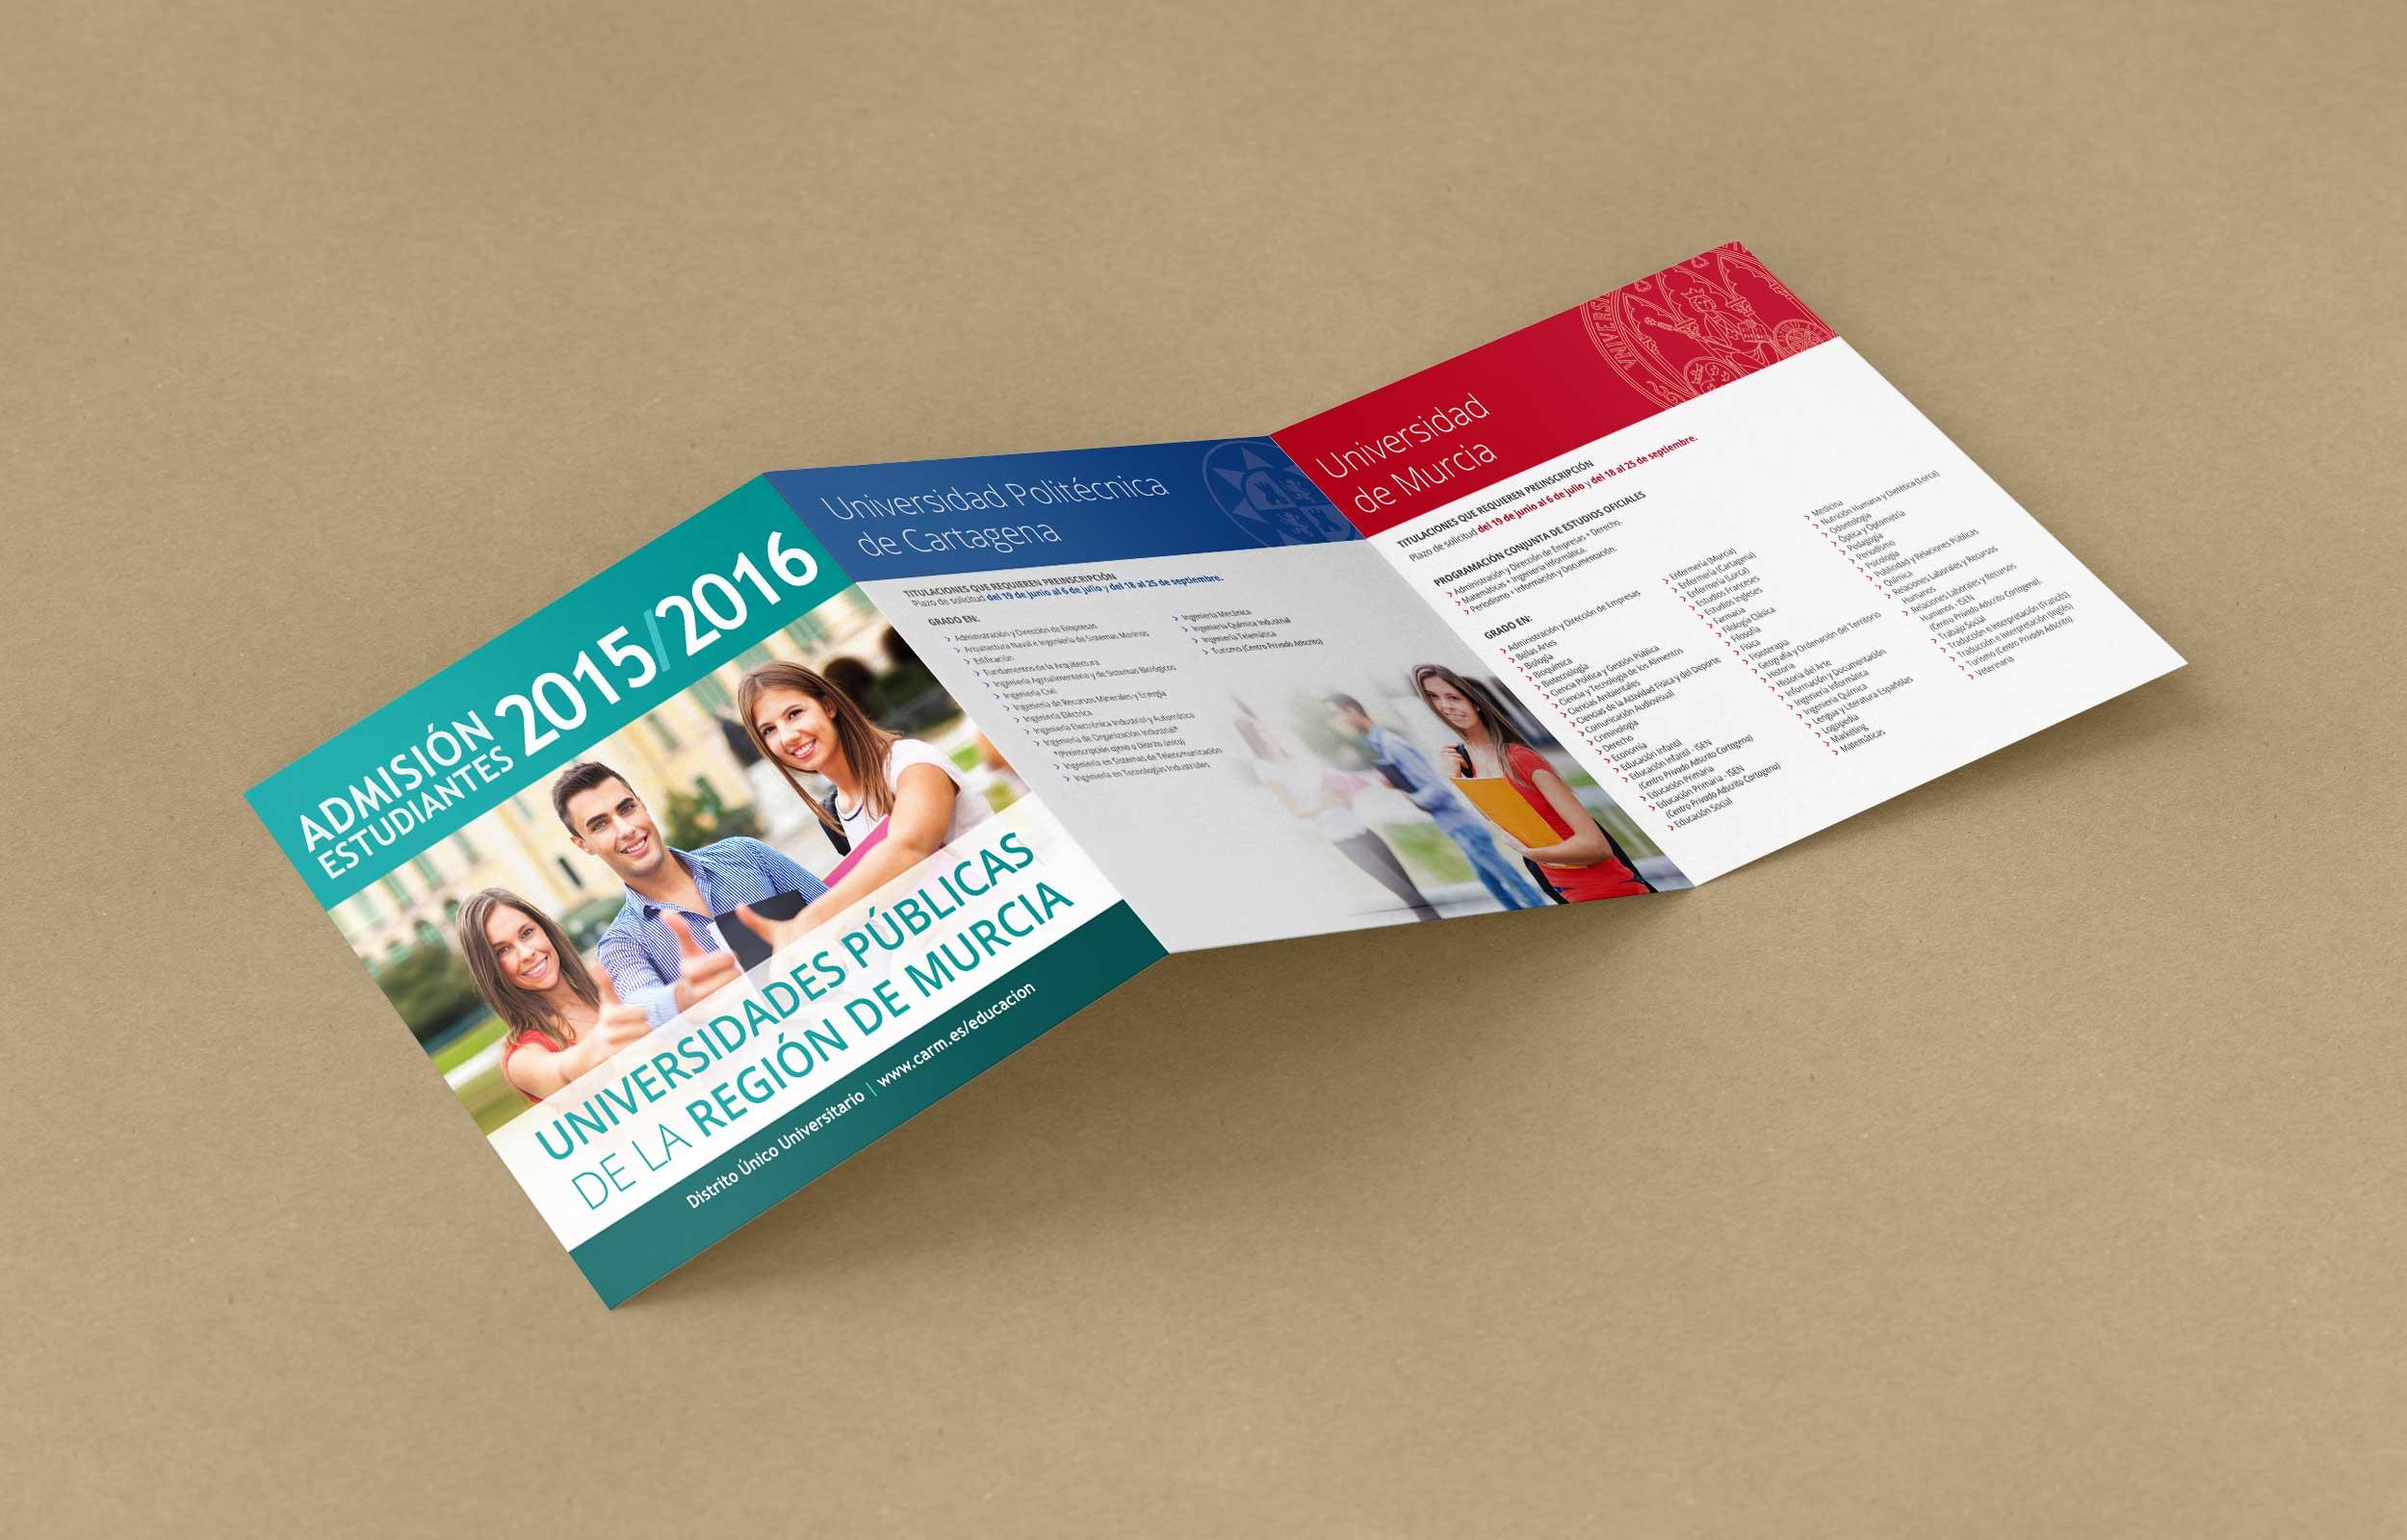 UPCT Alumnos 2015 - Brande Comunicación 01